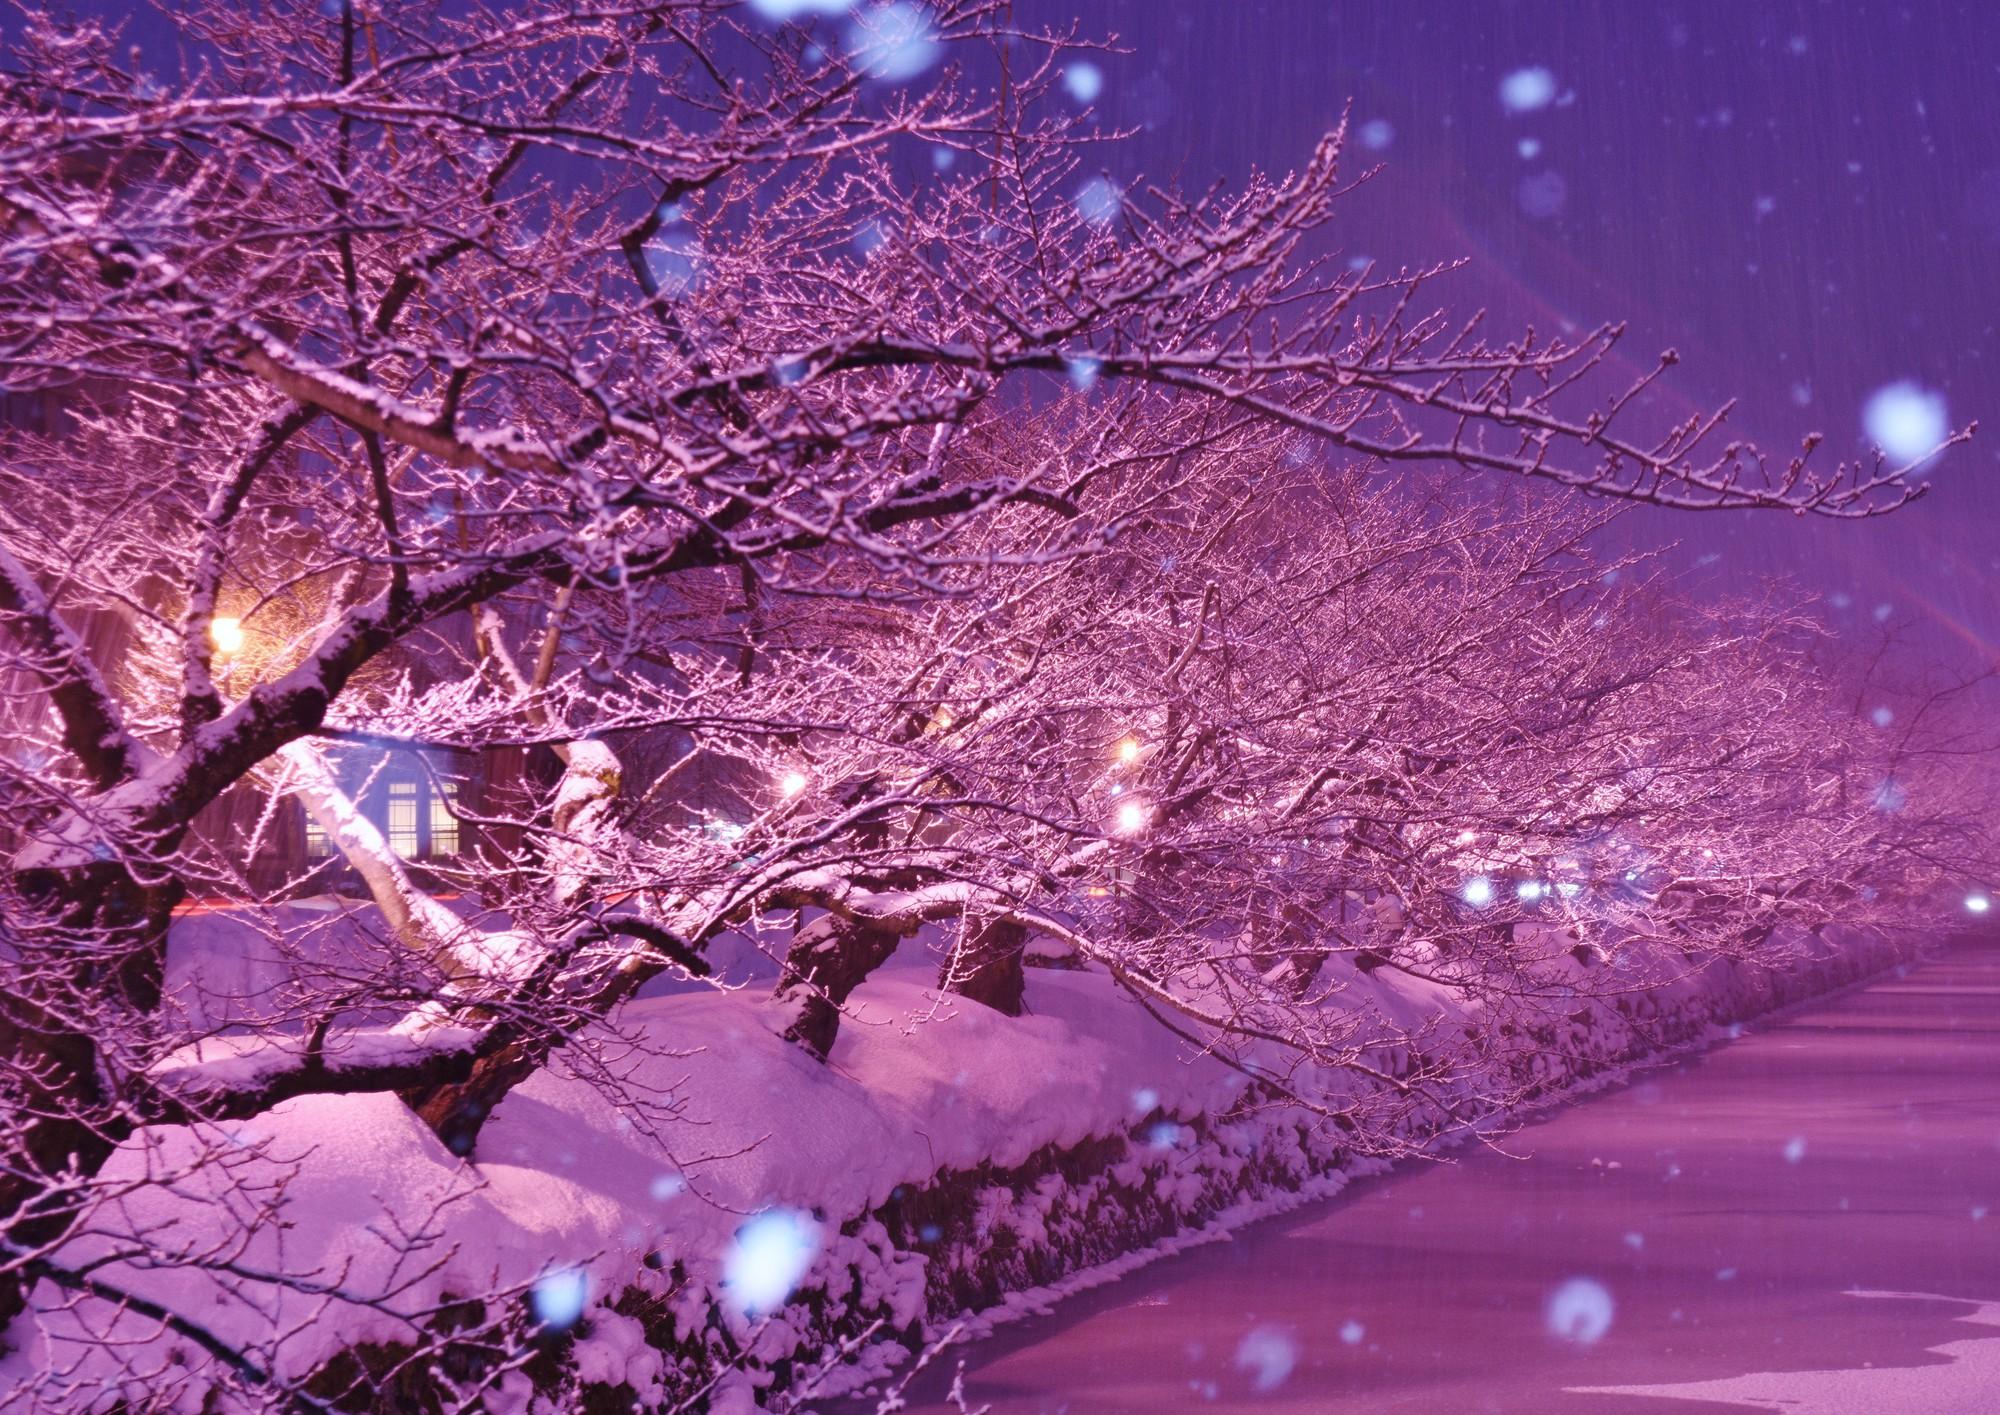 Người dân Nhật ngỡ ngàng chiêm ngưỡng những bông hoa anh đào băng tuyết trong thời tiết lạnh giá kéo dài - Ảnh 9.